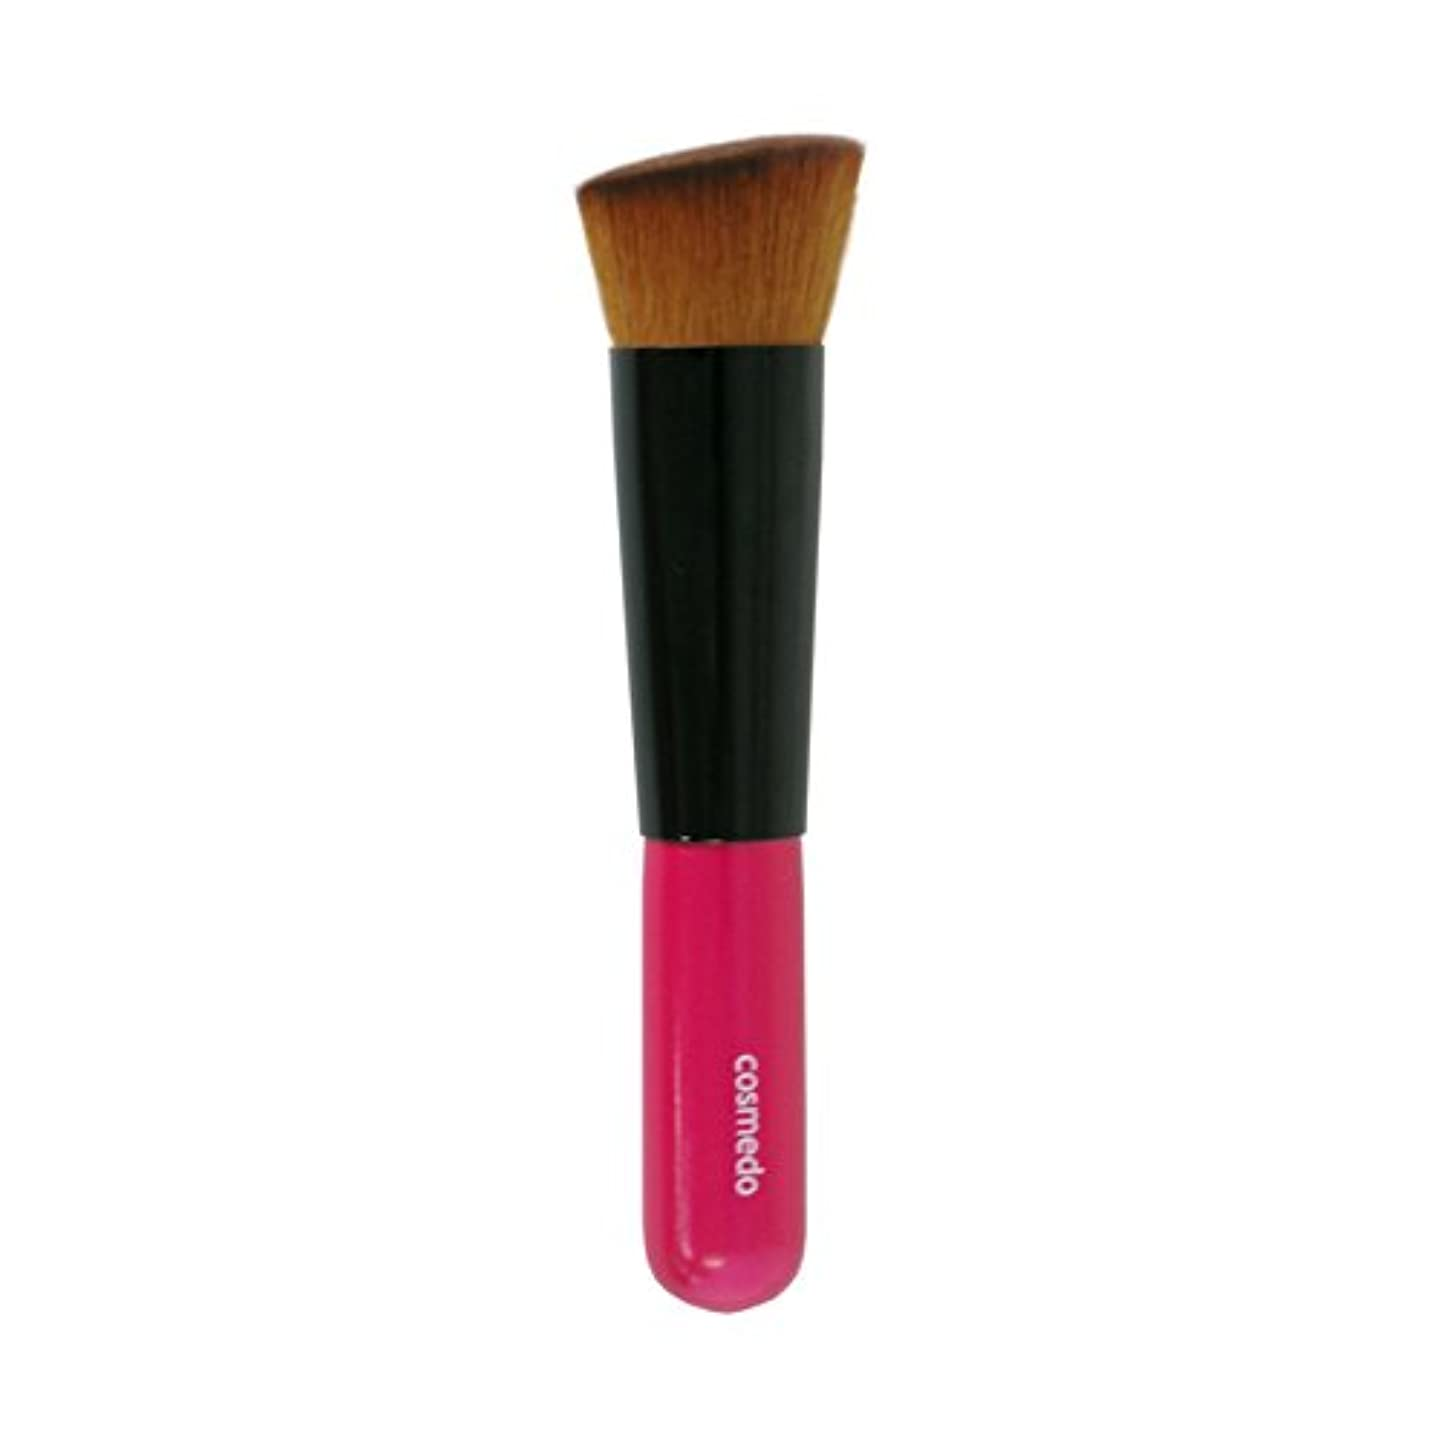 それに応じてブリリアント支援熊野筆 匠の化粧筆 コスメ堂 斜め フラット ファンデーションブラシ PBT 日本製 ( メイクブラシ フェイスブラシ/チークブラシ )PK-LQ11